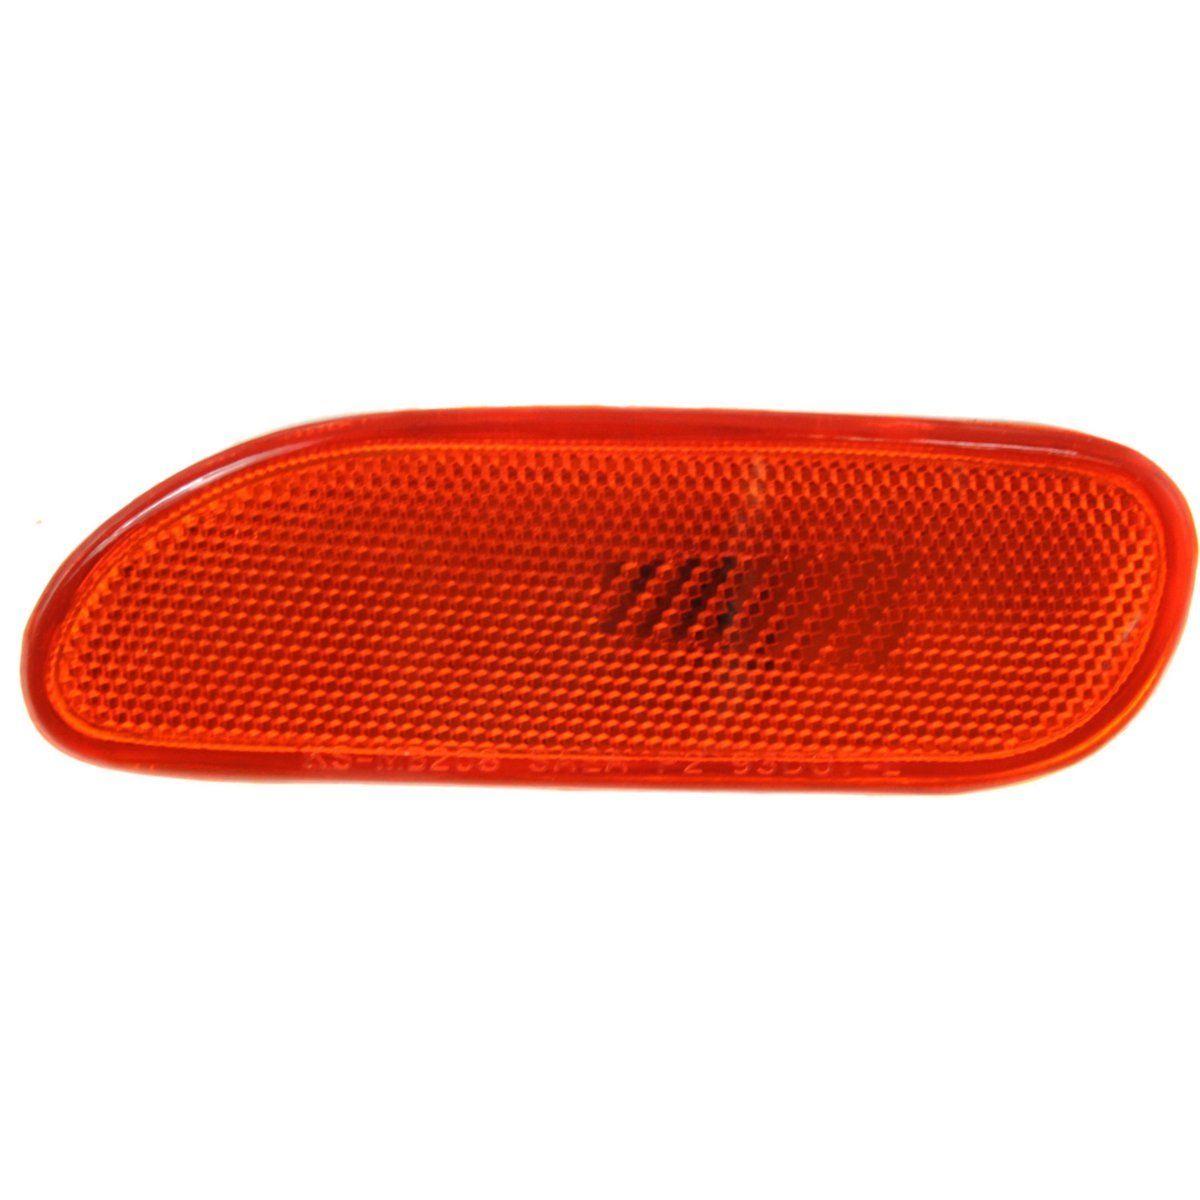 コーナーライト Corner Light For 95-99 Mitsubishi Eclipse Driver Side Incandescent w/ Bulb コーナーライト95-99三菱Eclipseドライバサイド白熱電球